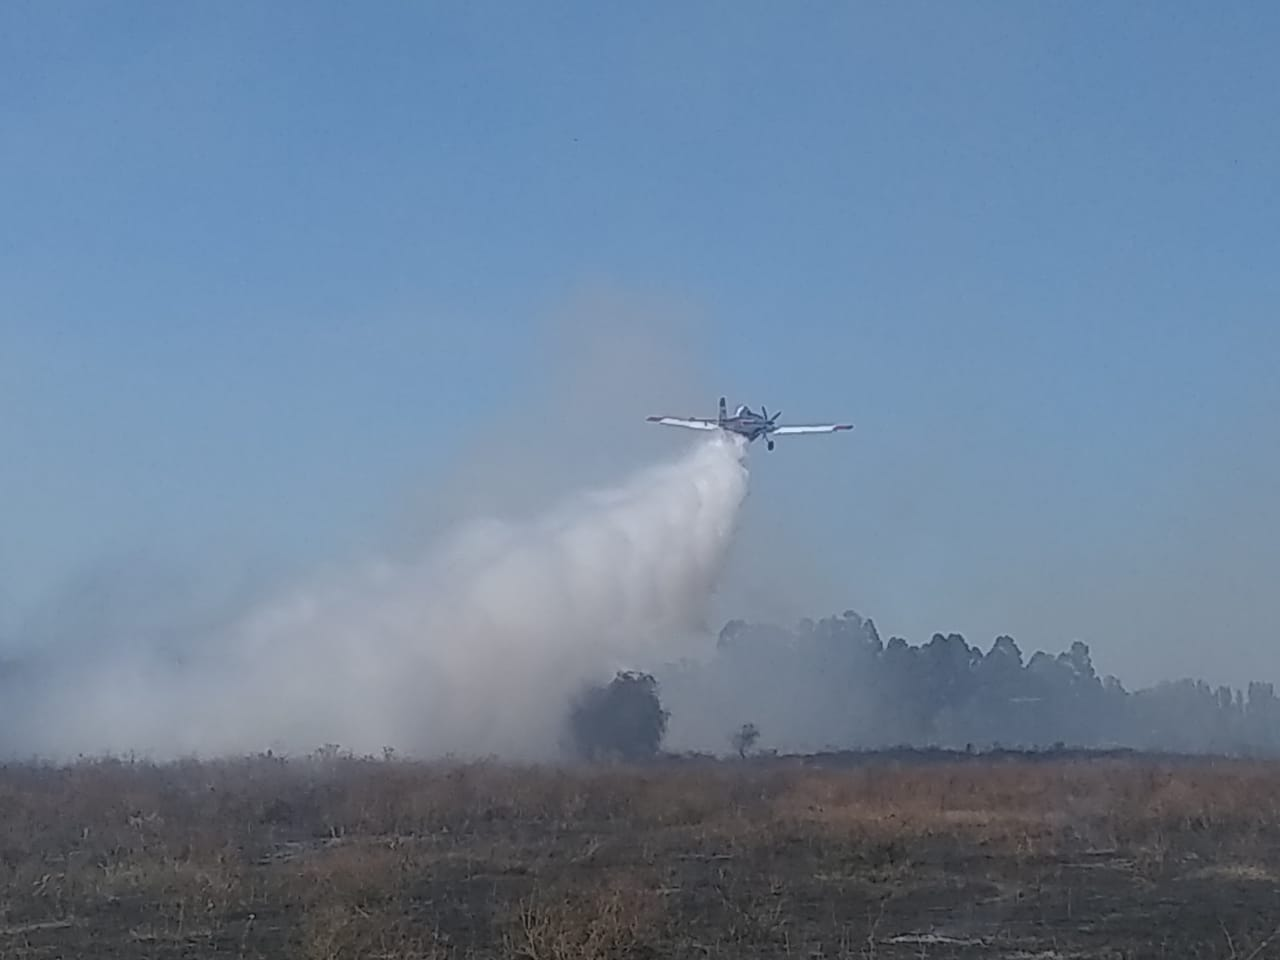 Incendio forestal destruye cuatro hectáreas en Pata de Gallina